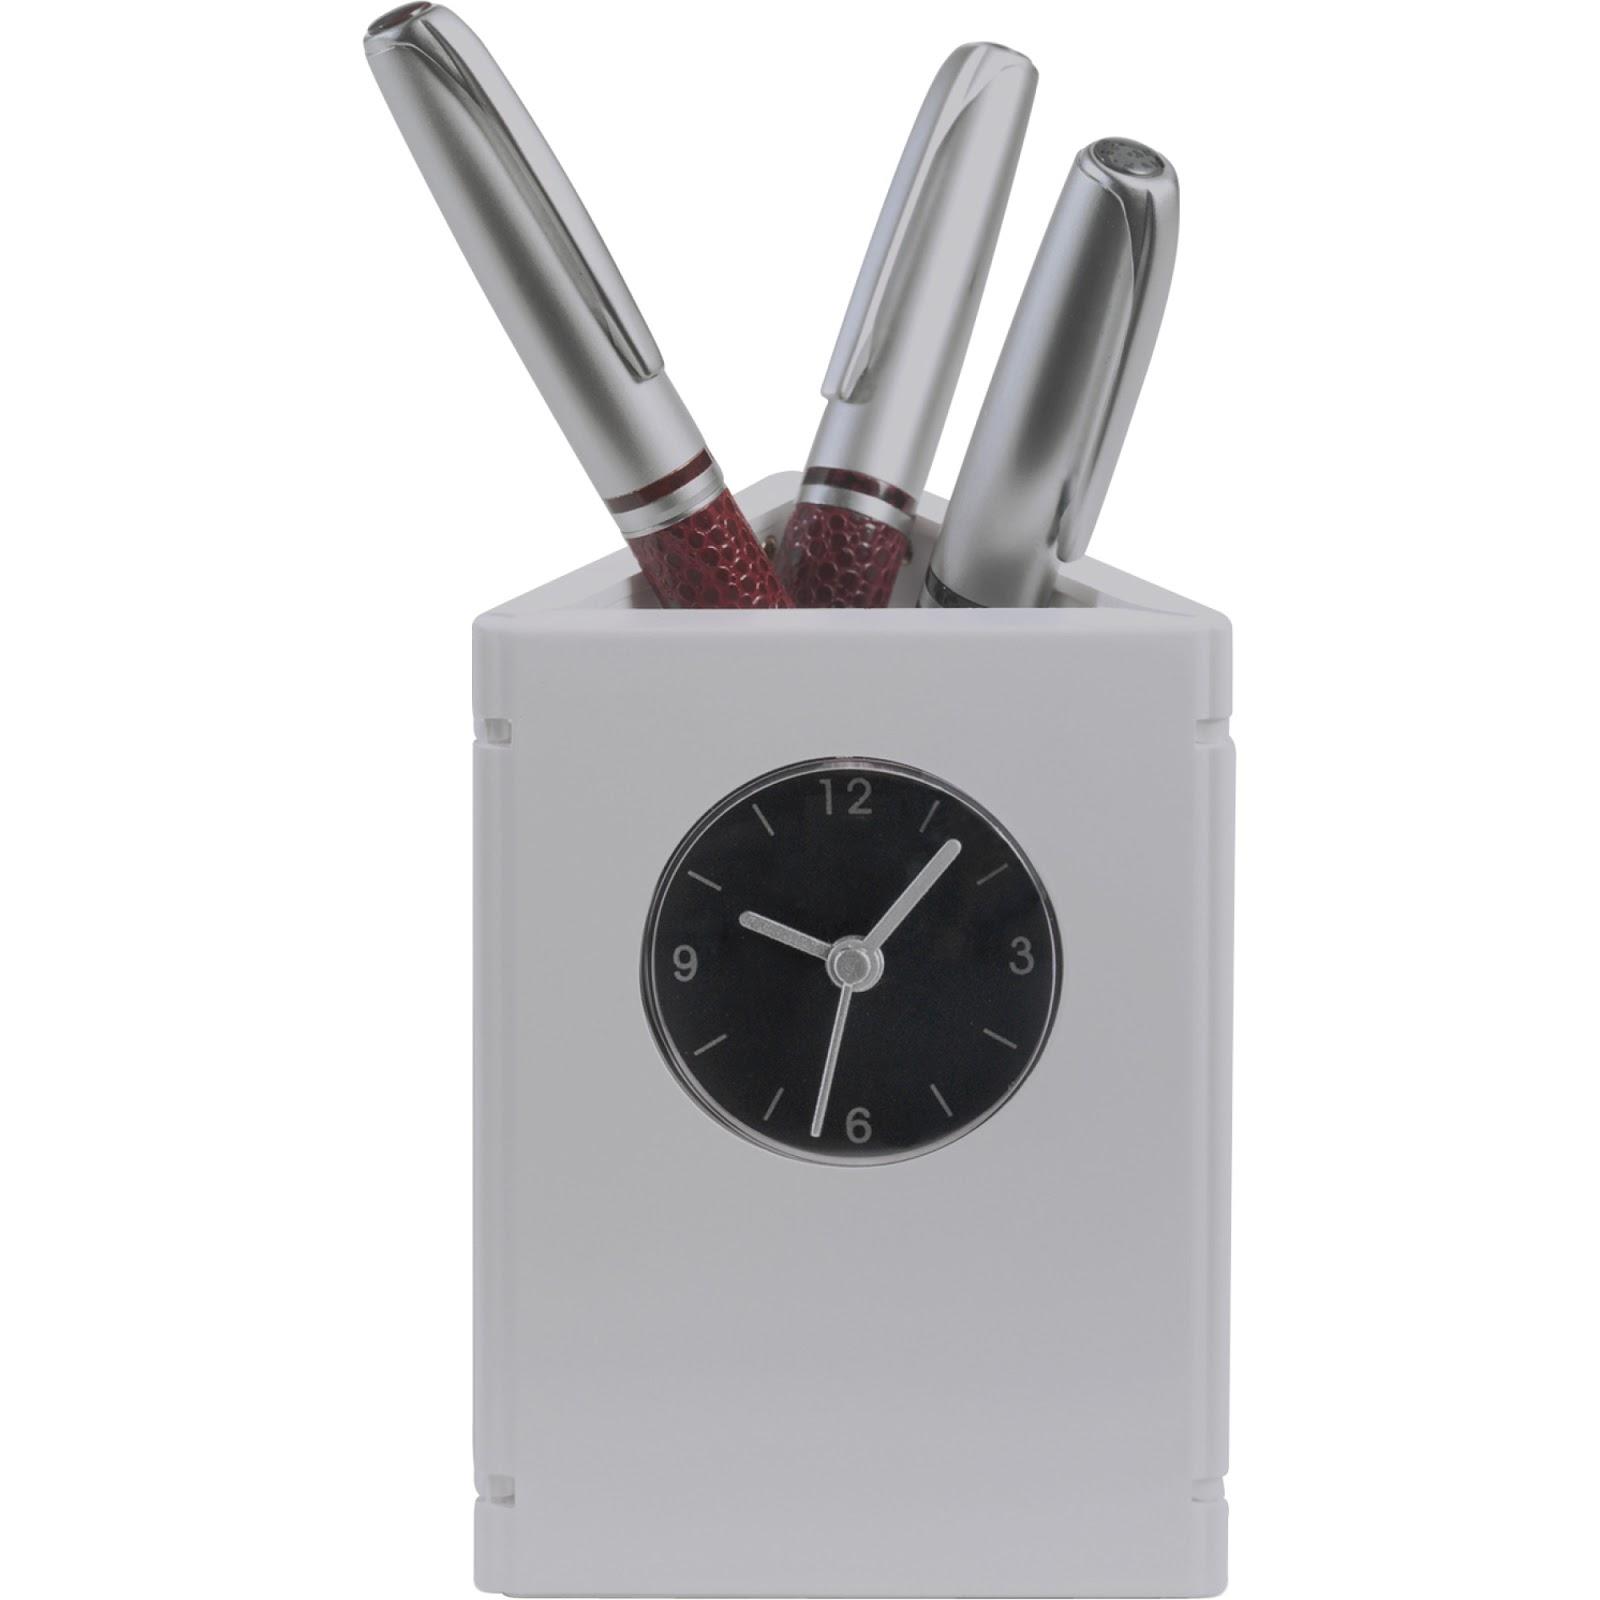 Foldable Desk Top Clock